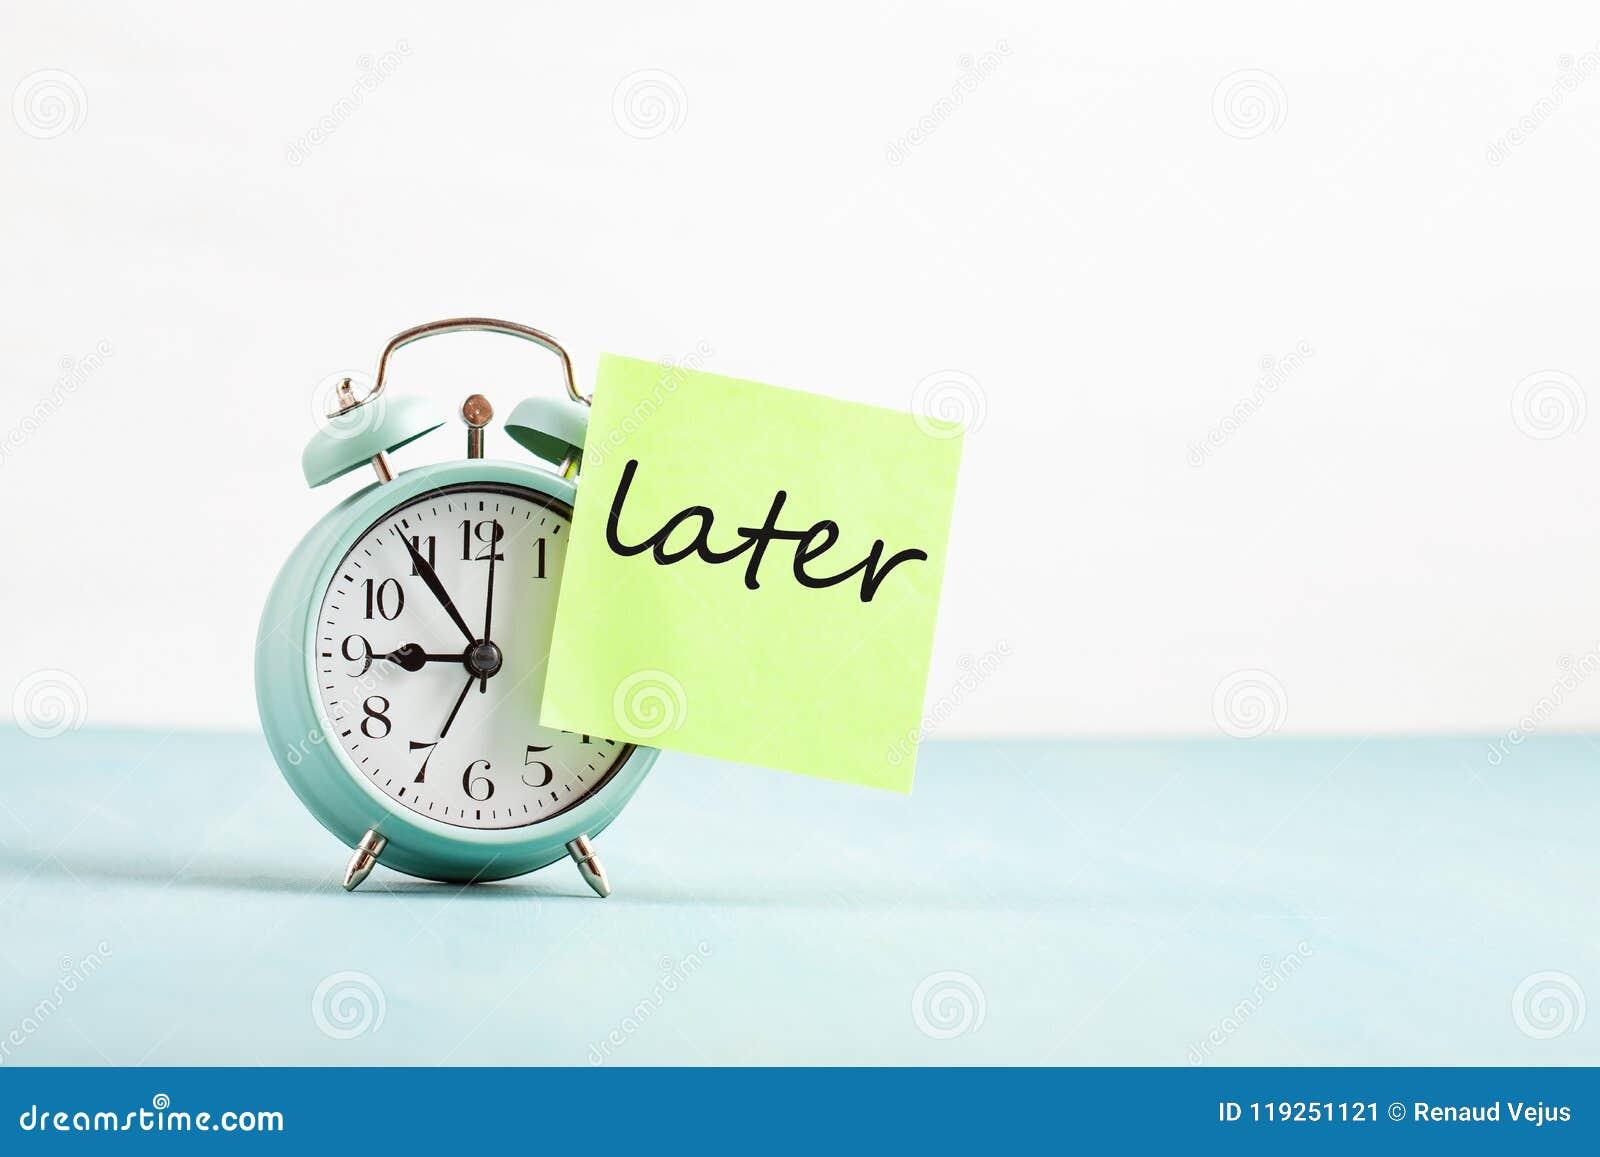 Промедление, концепция задержки Управление плохого момента Слово позже sticked к будильнику